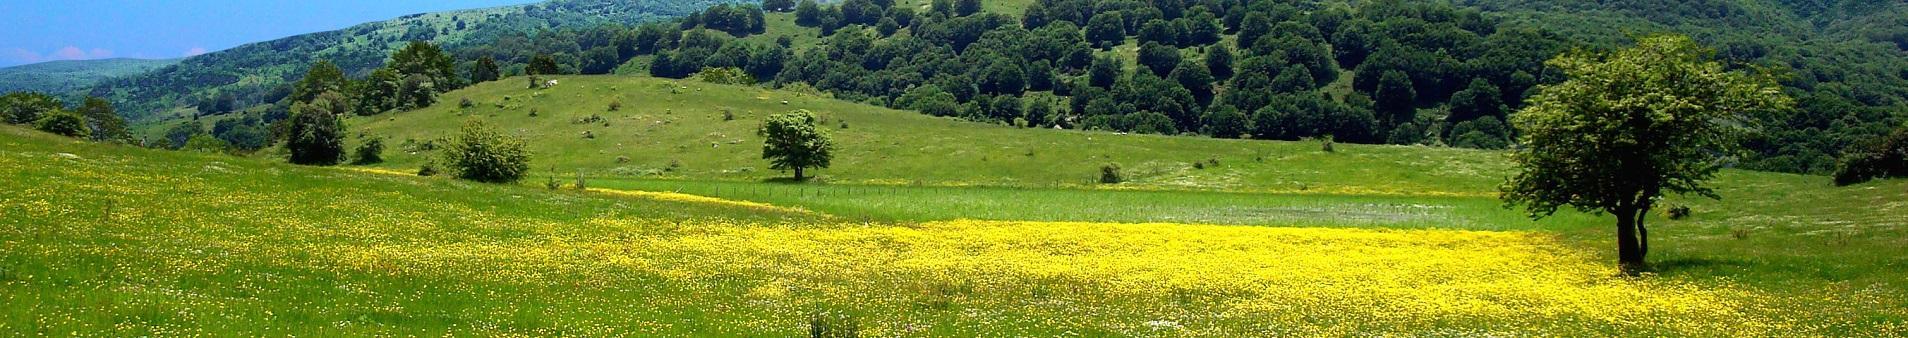 Ville e case vacanze vicino i Monti Nebrodi